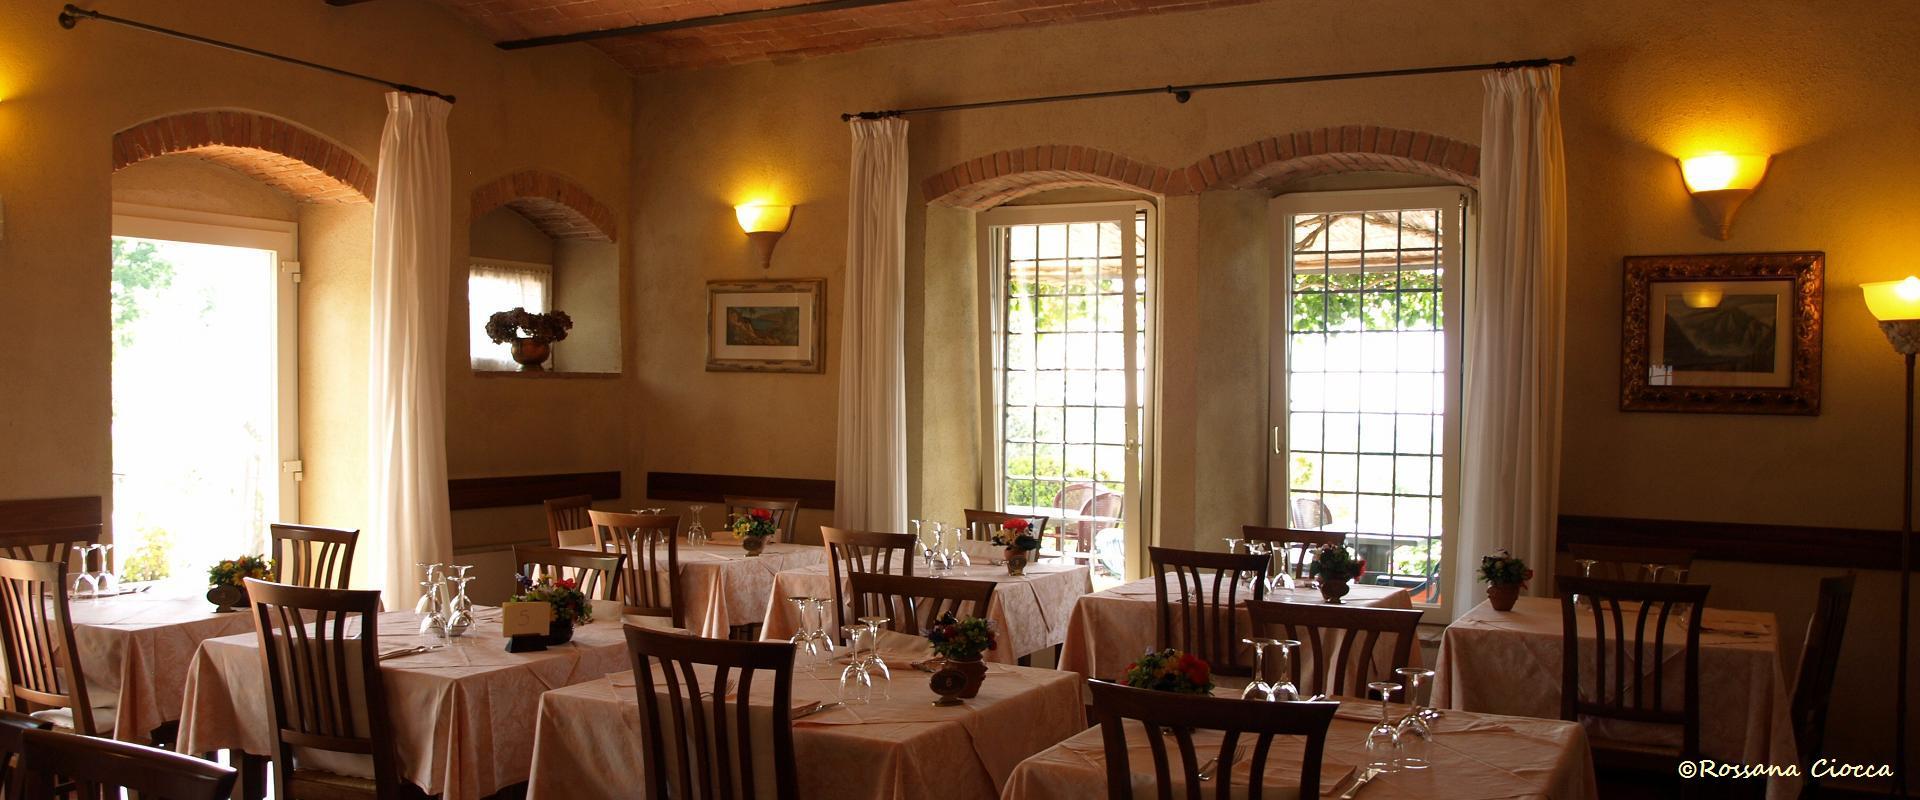 locanda_il_poderino_ristorante_3